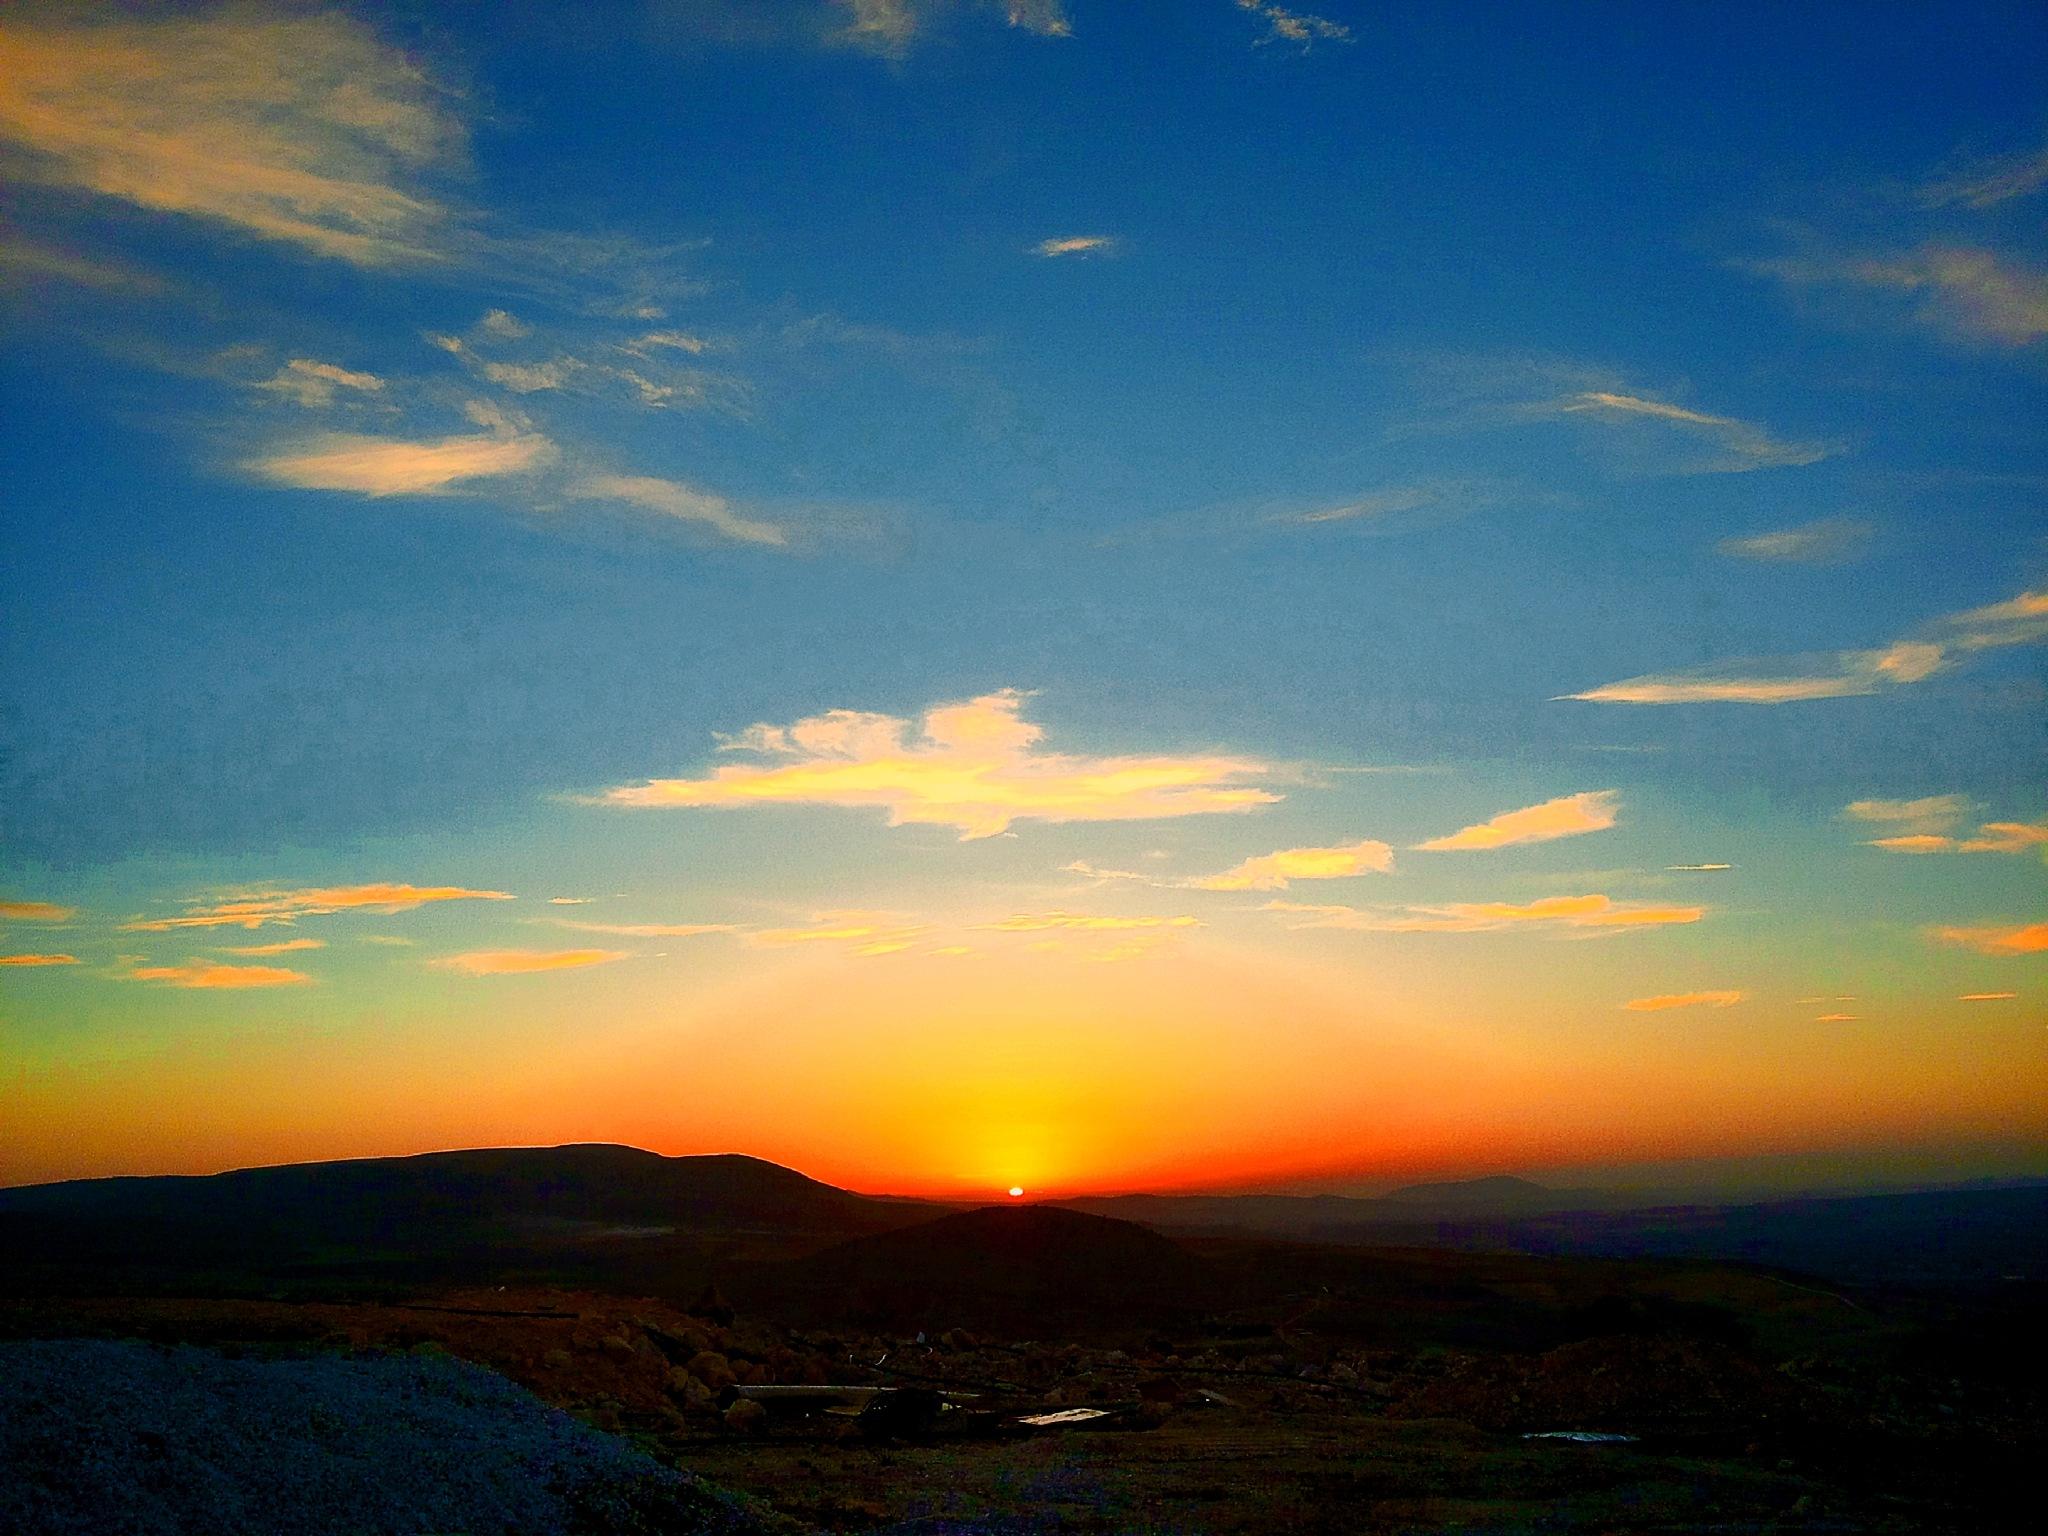 Sunset by zakaria sadouni